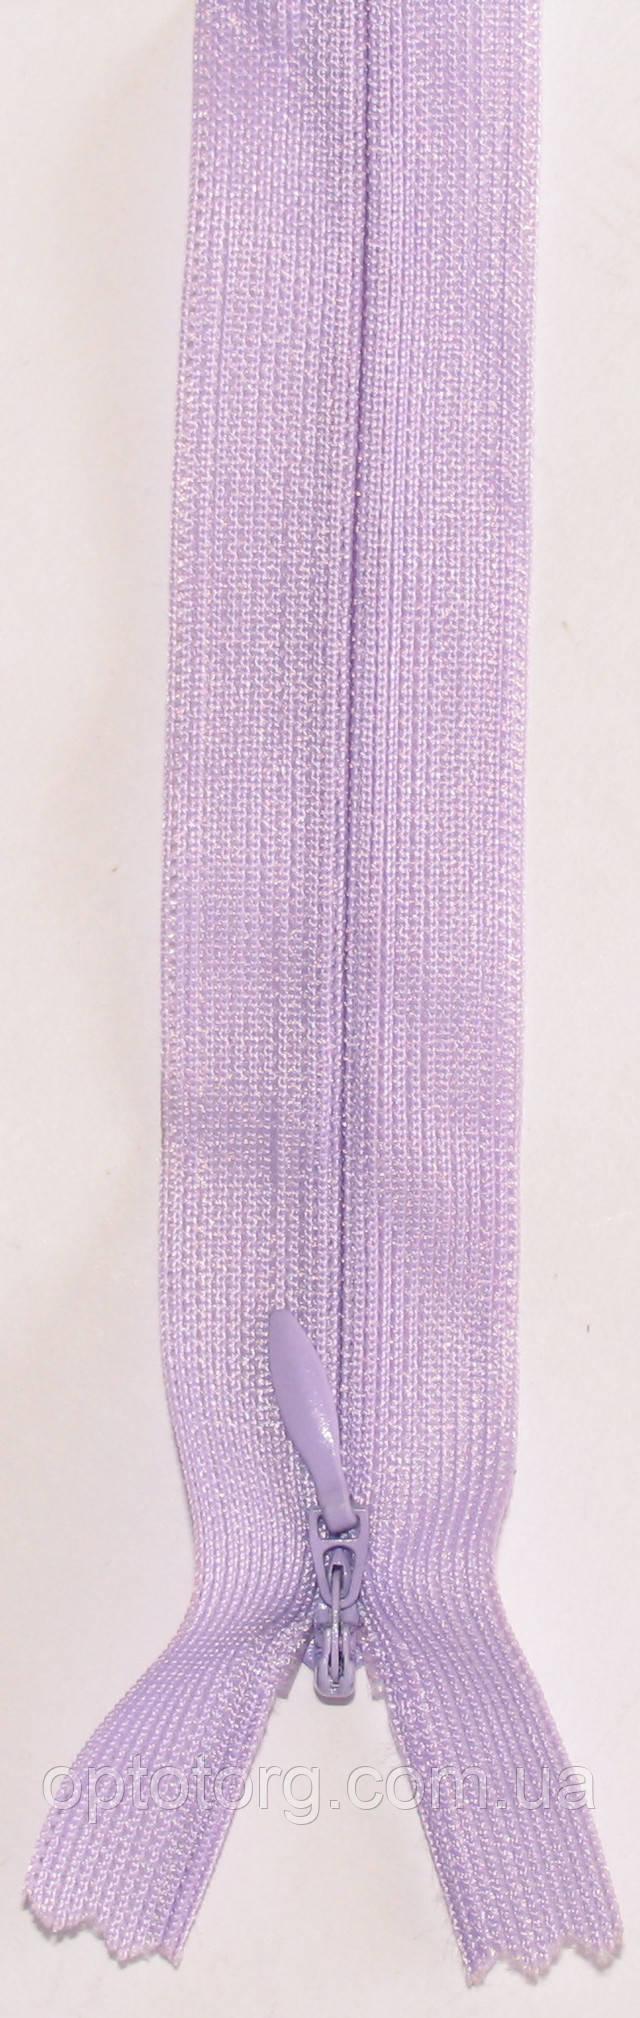 Потайная молния 50см неразъемная светло фиолетового цвета оптом от optotorg.com.ua